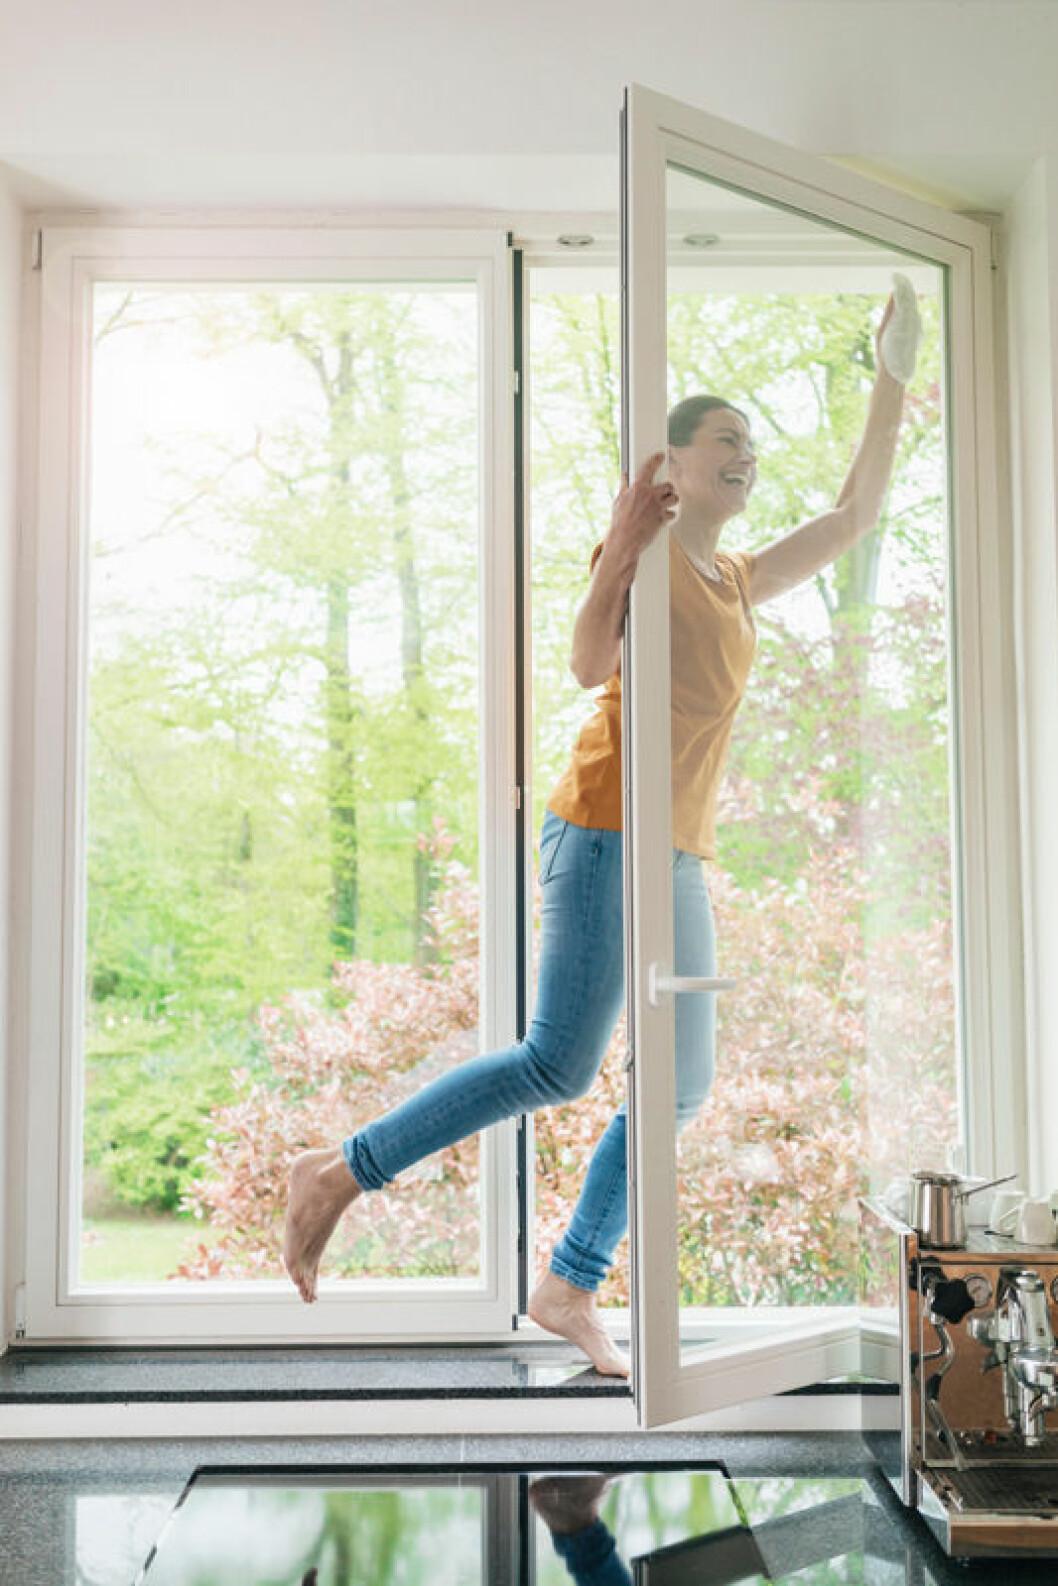 Kvinna putsar glasdörr.